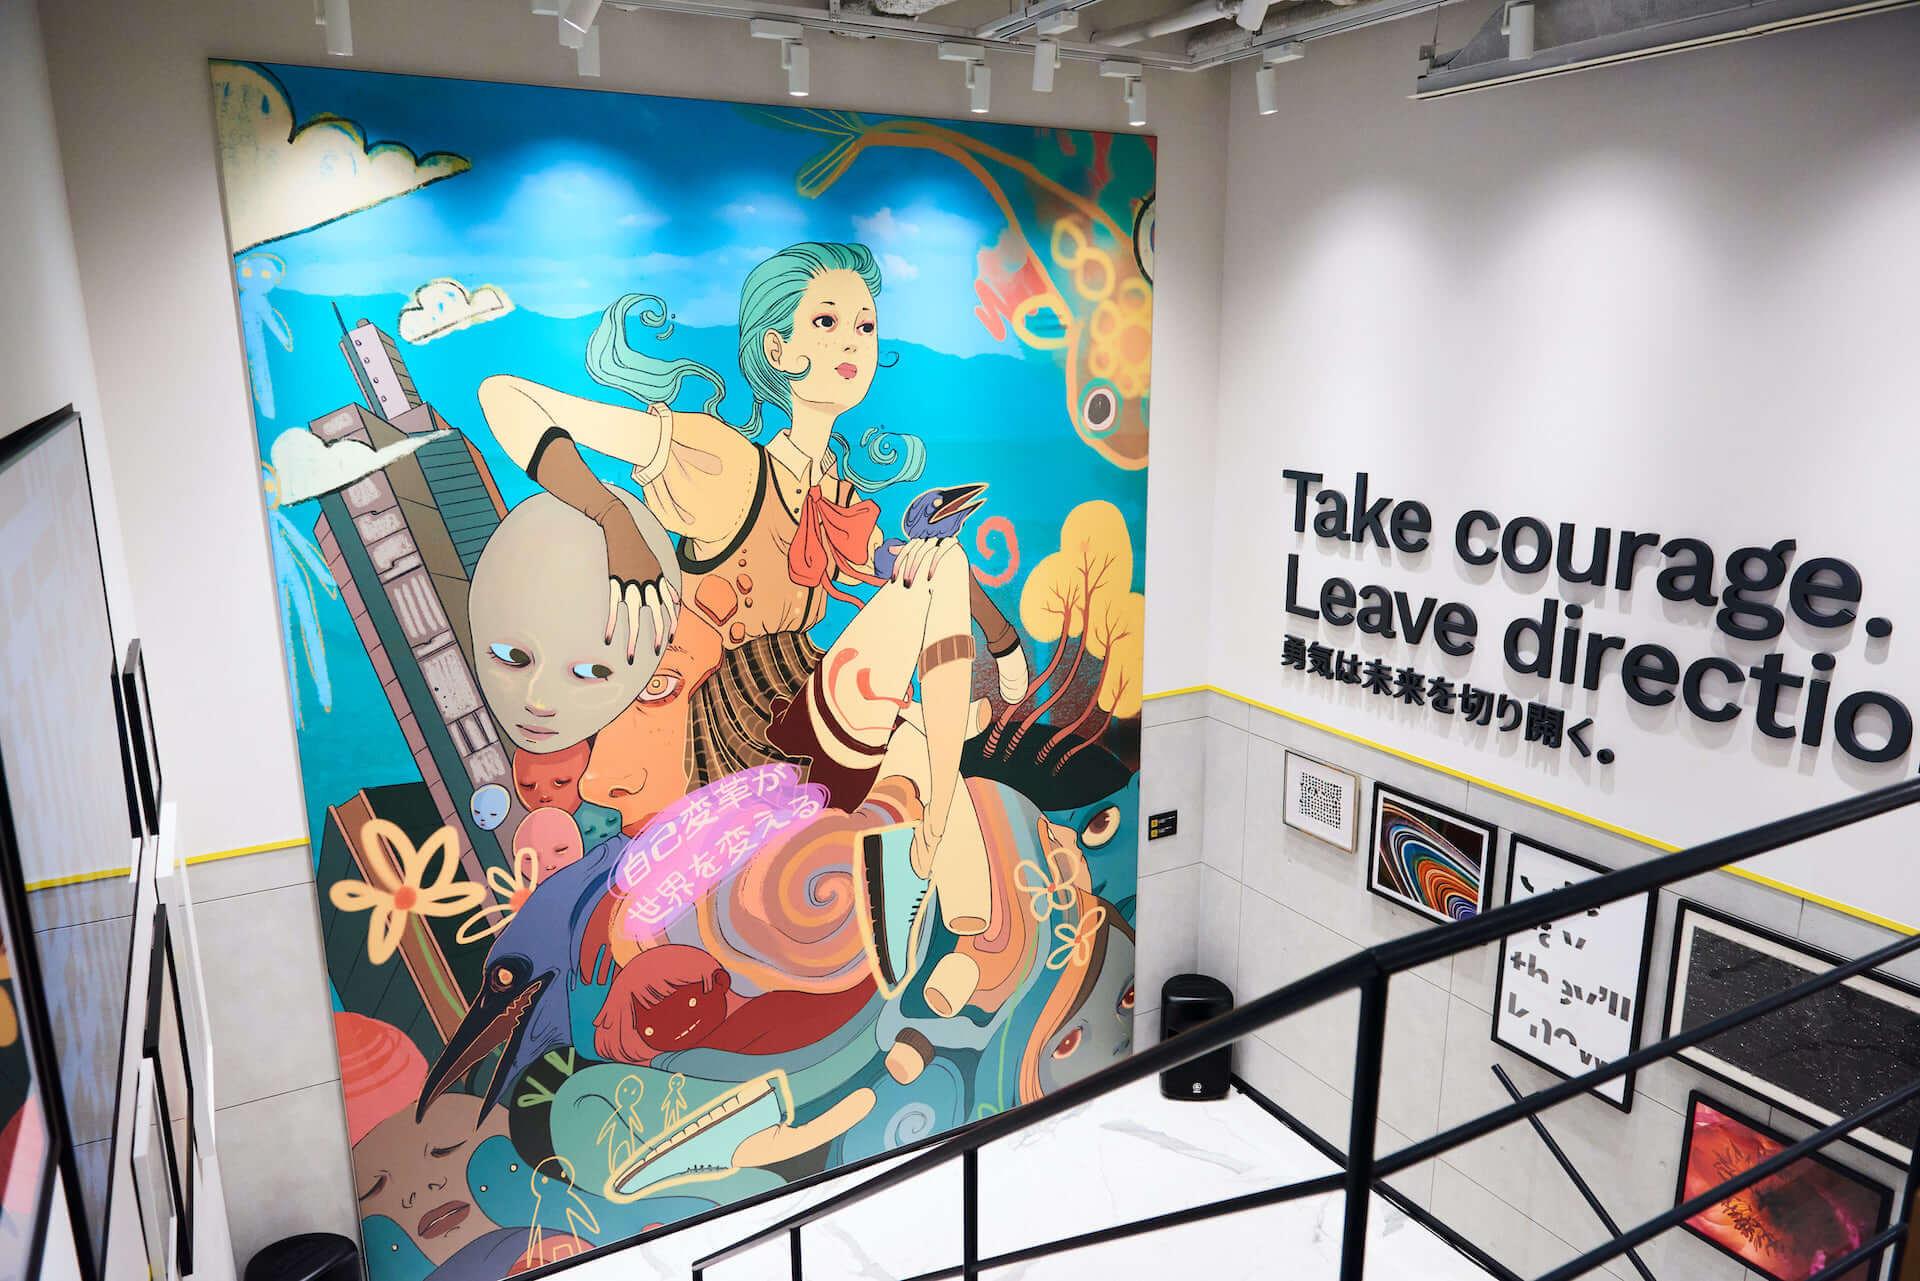 ローレン・サイのアートも展示!原宿キャットストリートに新コンセプトストア「COLE HAAN GRANDSHØP」がオープン&VRショーのレポートも到着 lf201204_colehaan_3-1920x1281